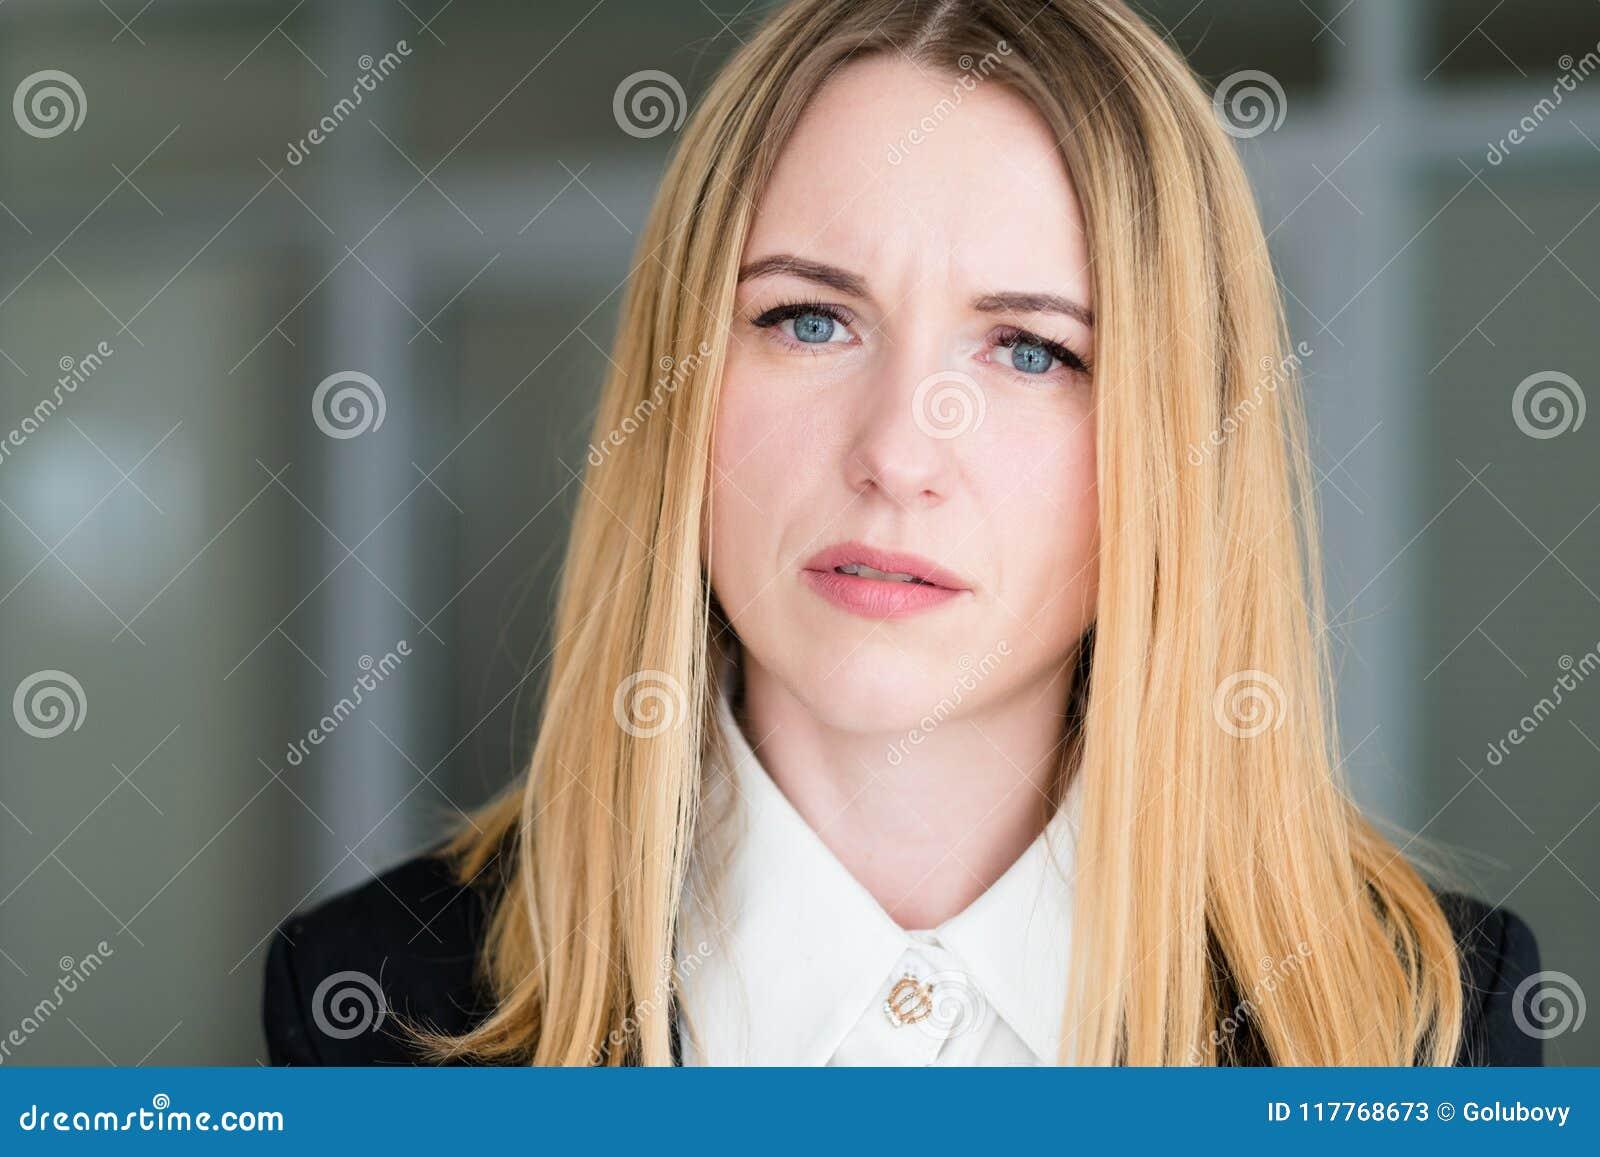 Regard de interrogation interrogatif de femme de visage d émotion